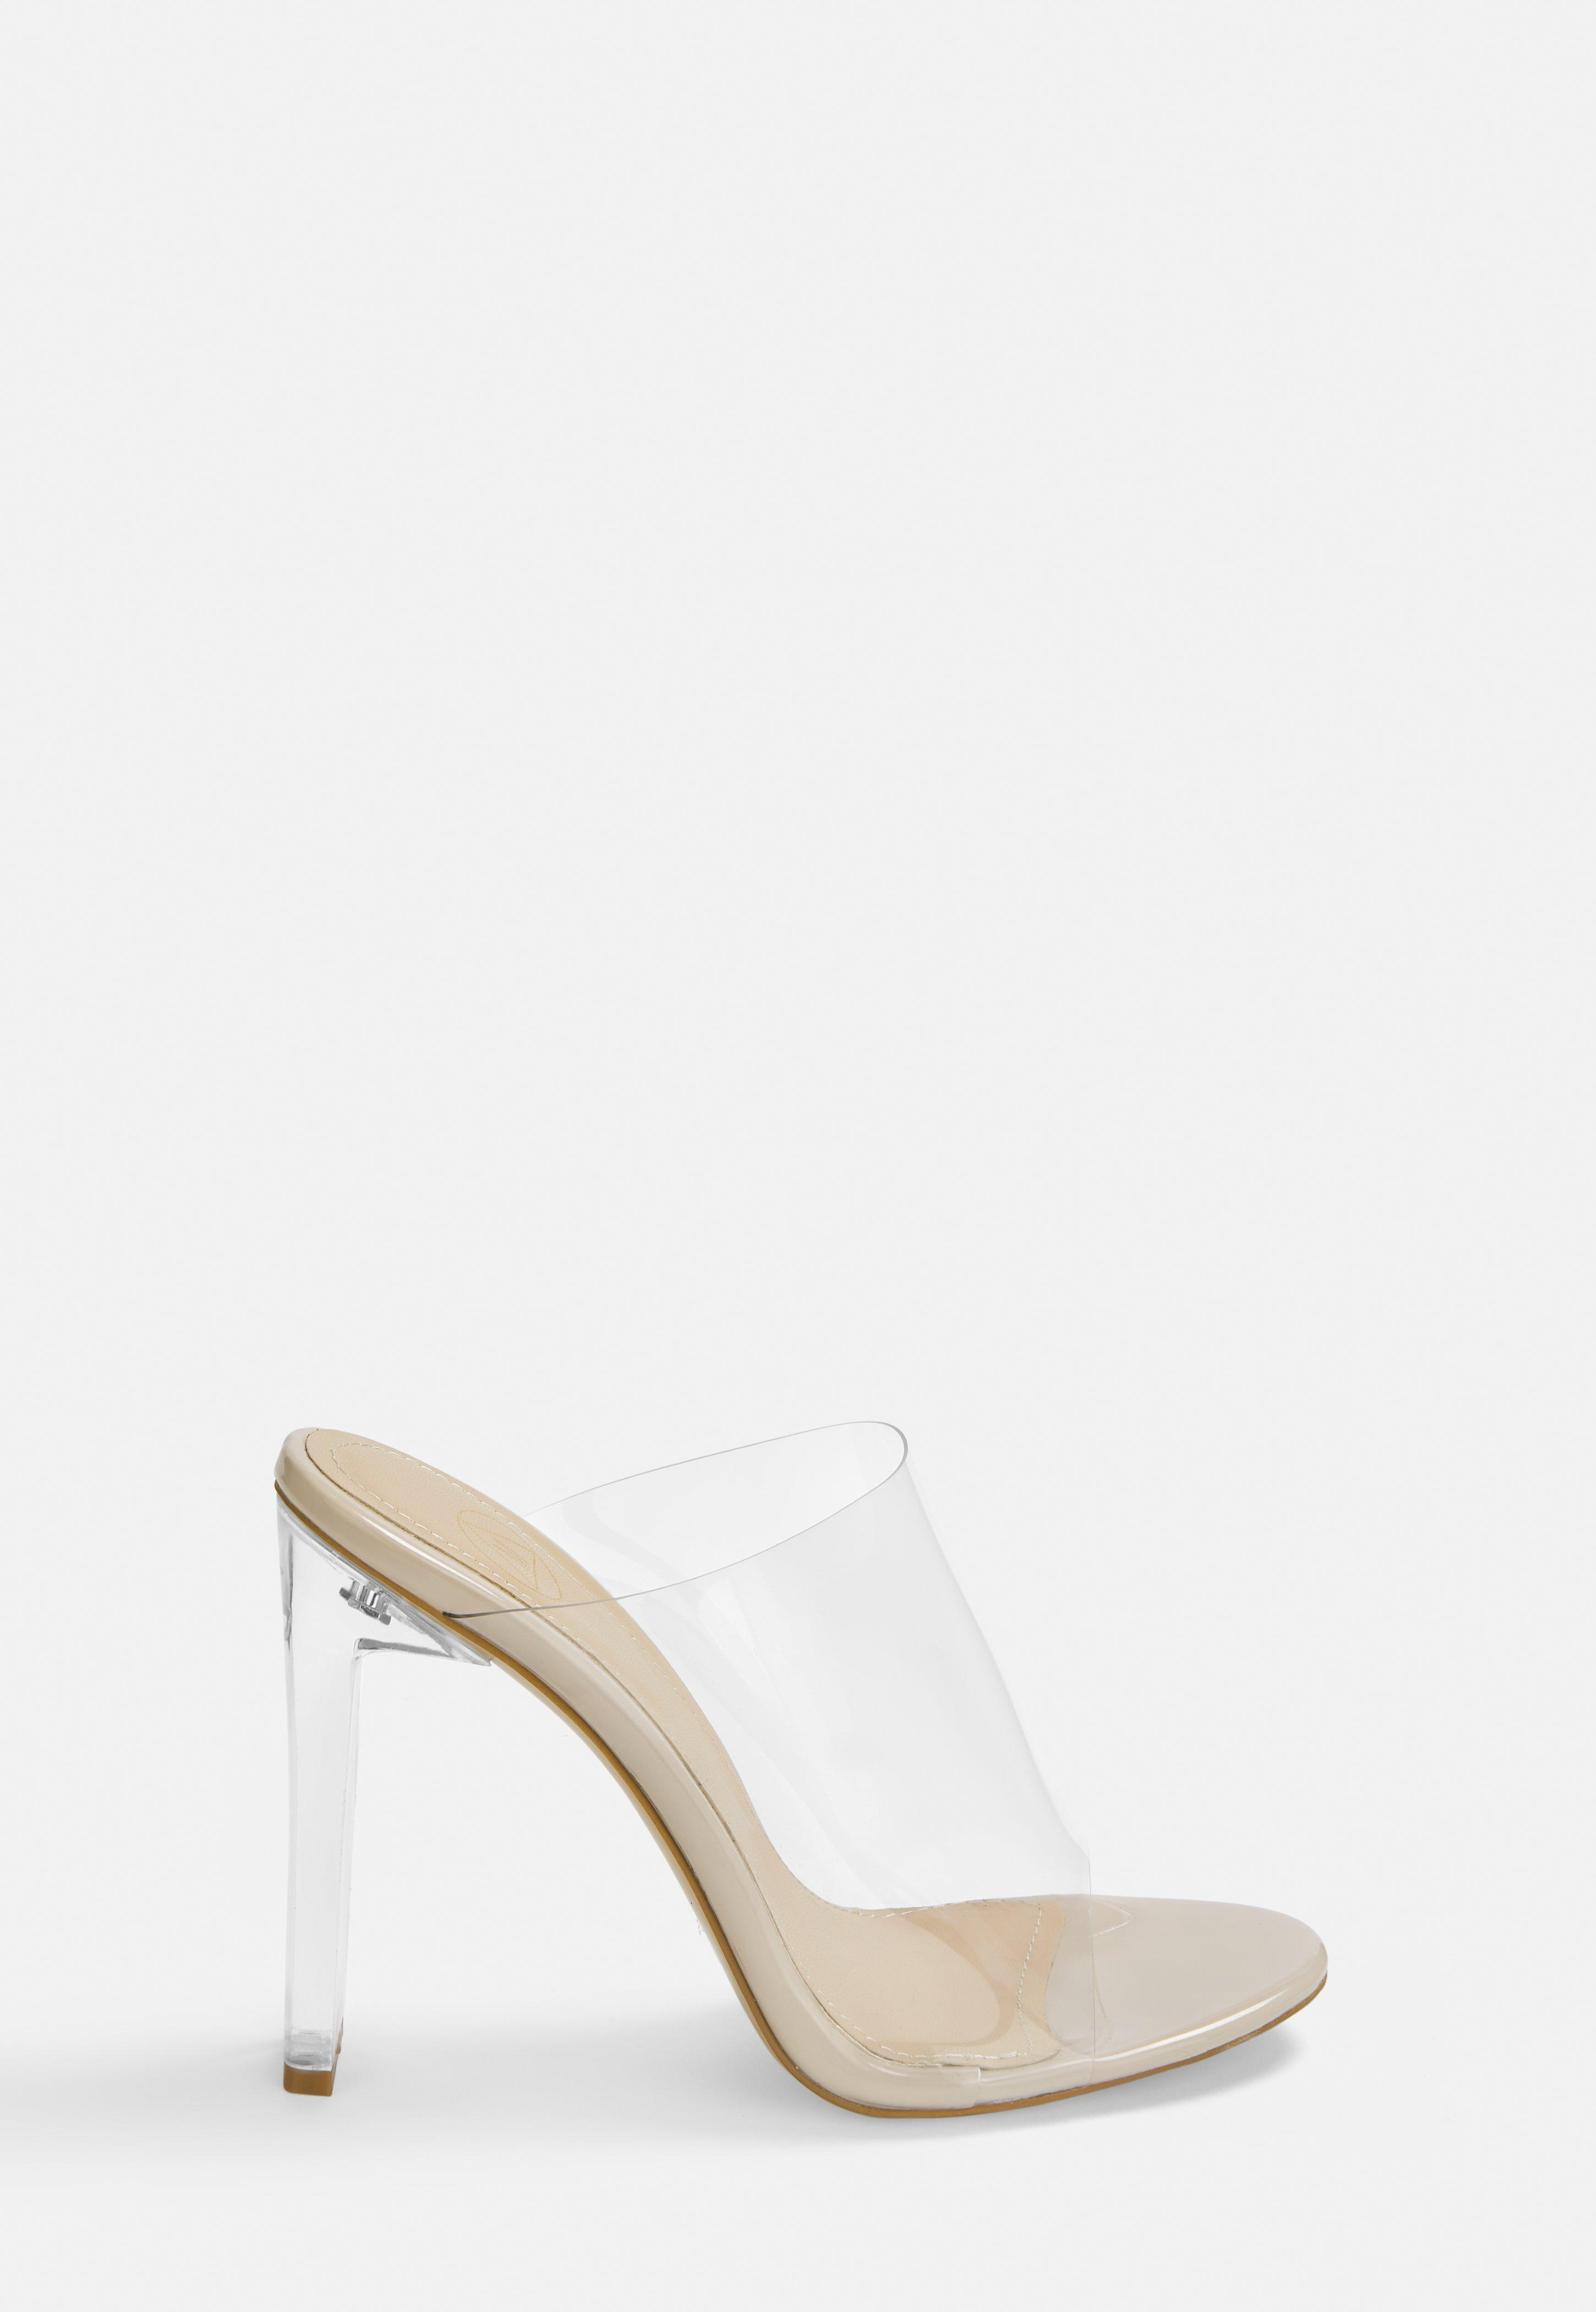 41 Missguided Damen Stud Detail Block Heel Pointed Court